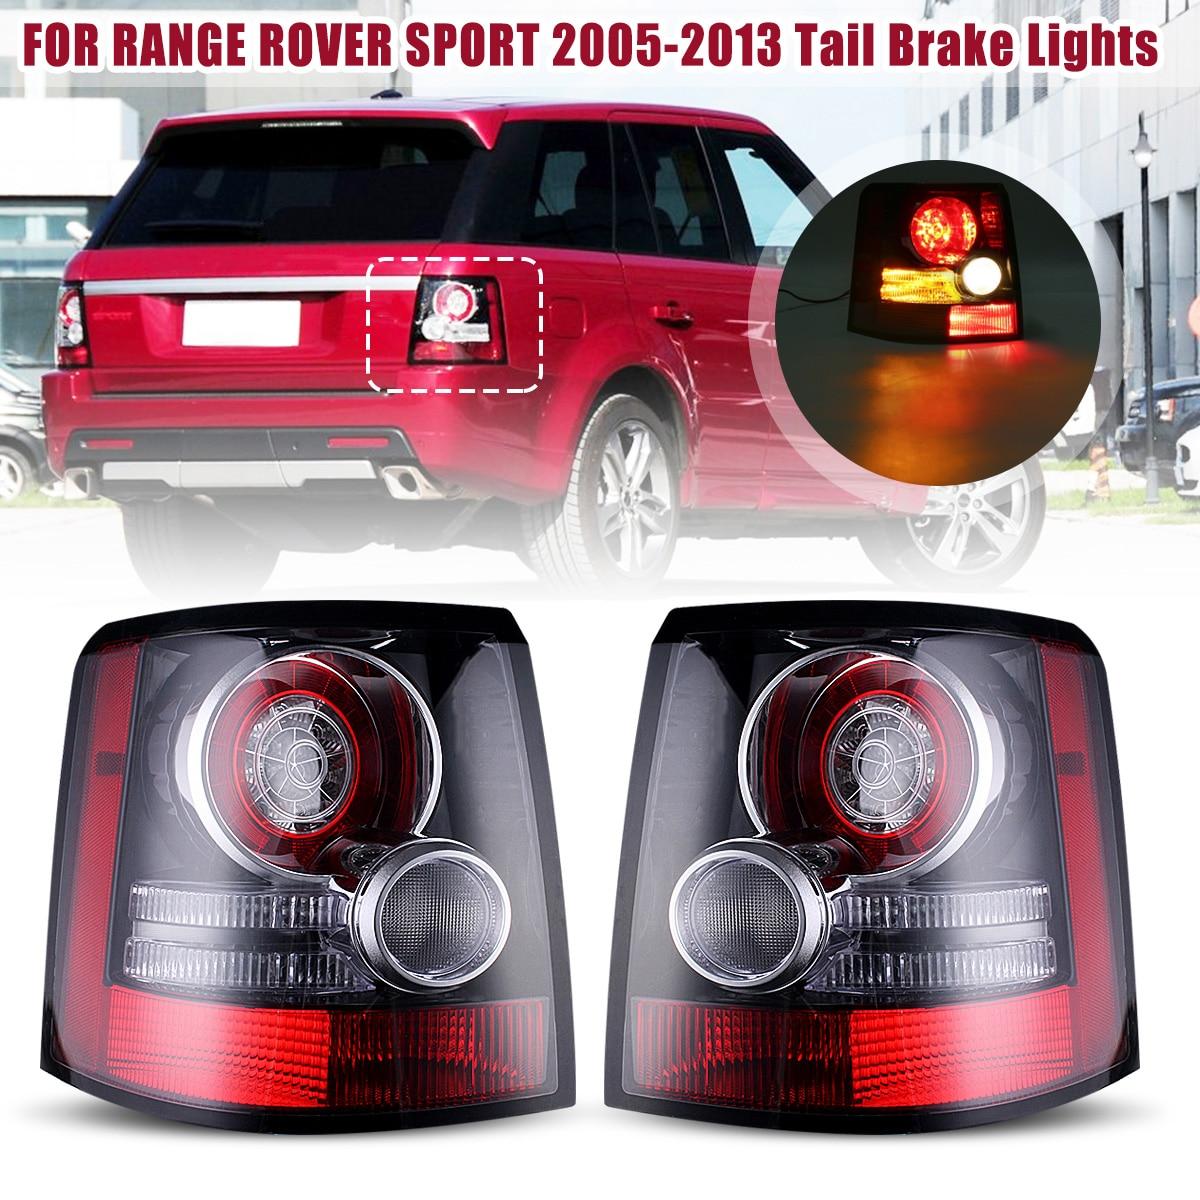 1 paire Pour Land Rover Range Rover Sport 2005 2006 2007-2013 Arrière Queue feux de freinage Pare-chocs Réflecteur Queue feu stop